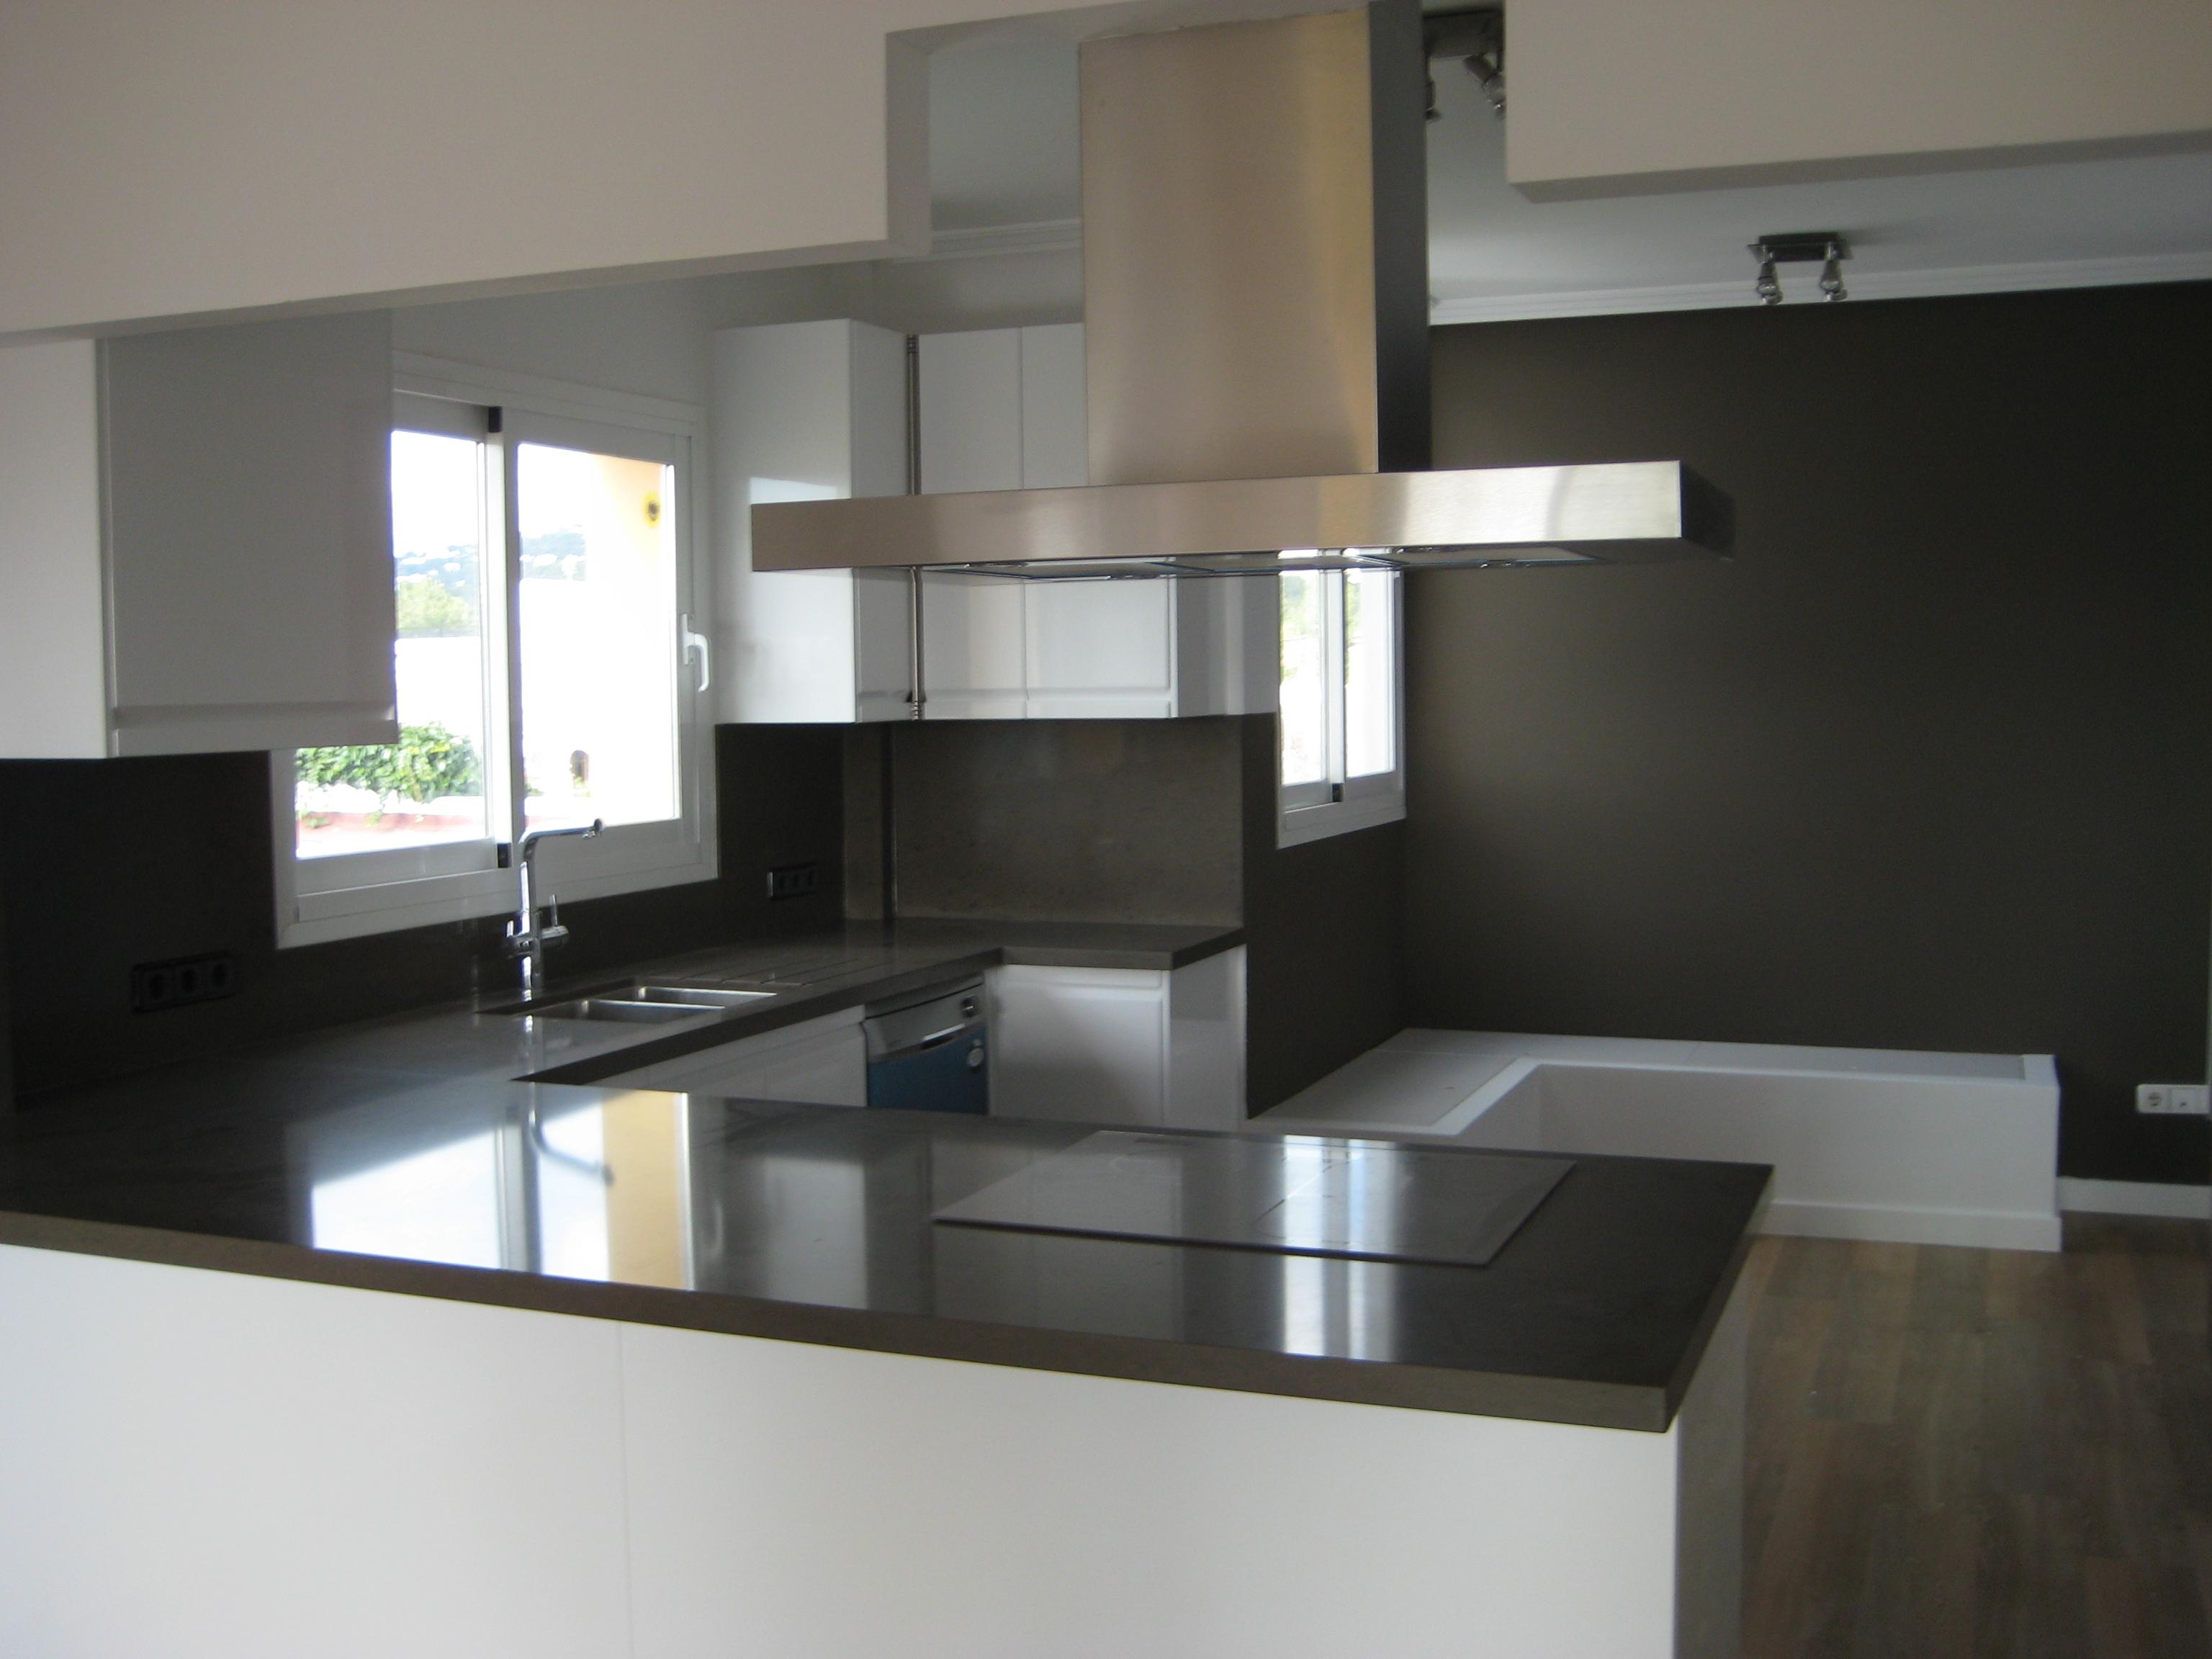 Muebles De Cocina Ibiza P Gina 2 Eivicuines Eva Palerm ~ Limpiar Muebles De Cocina De Formica Mate